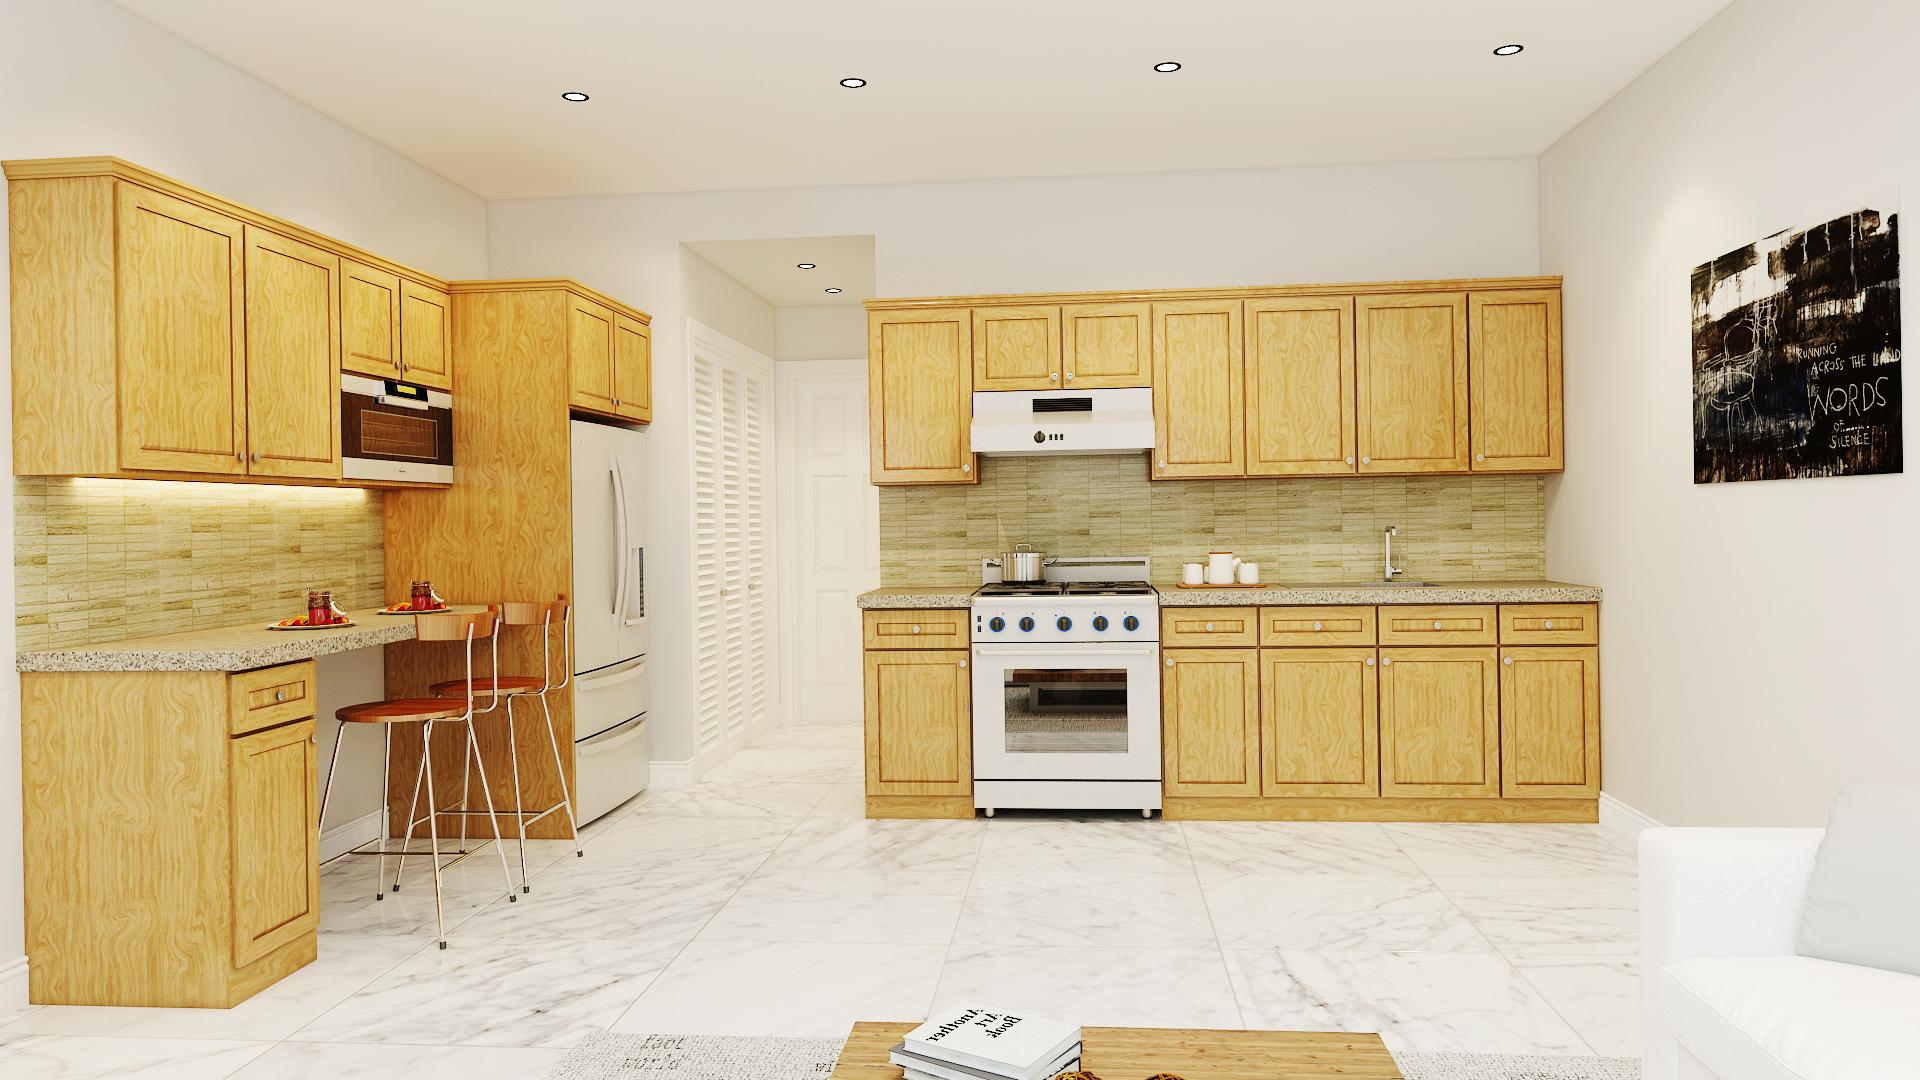 14-Kitchen v2